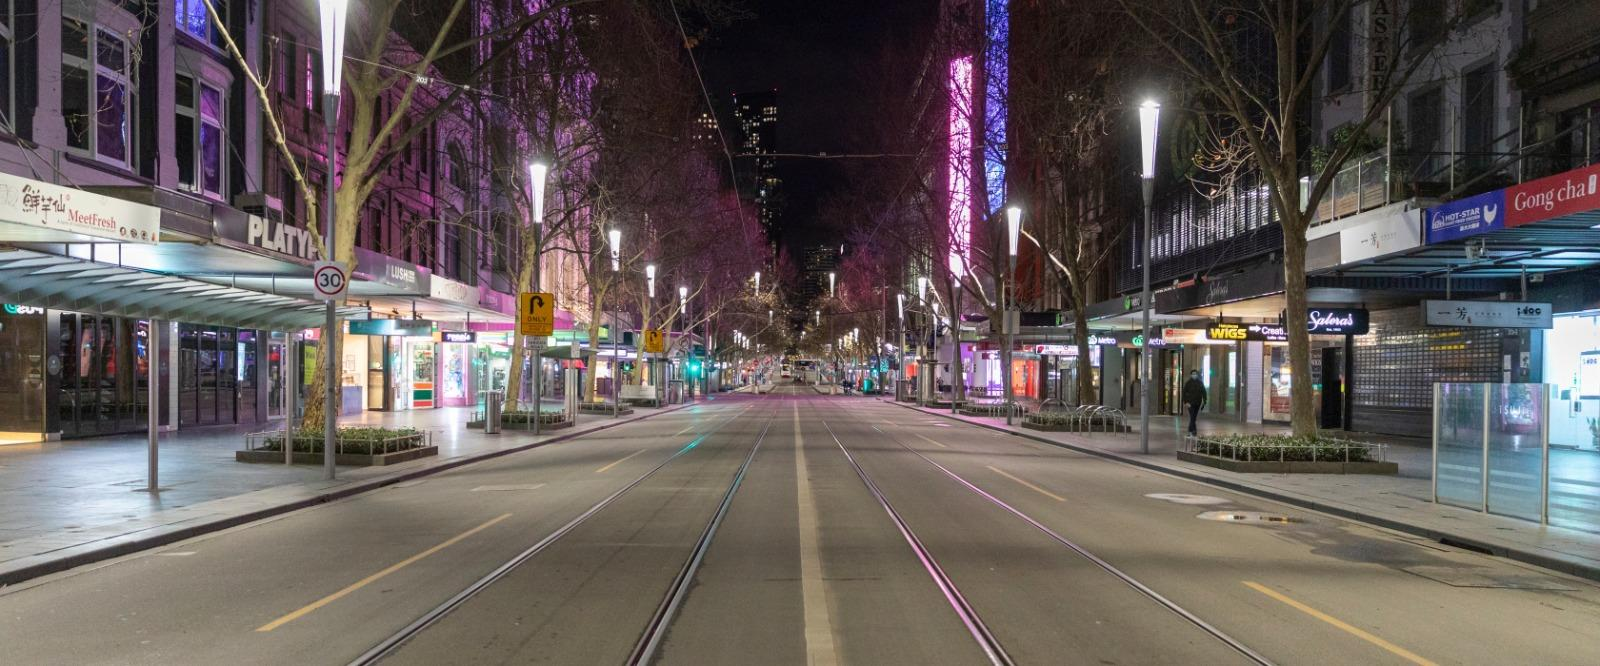 ויקטוריה, אוסטרליה